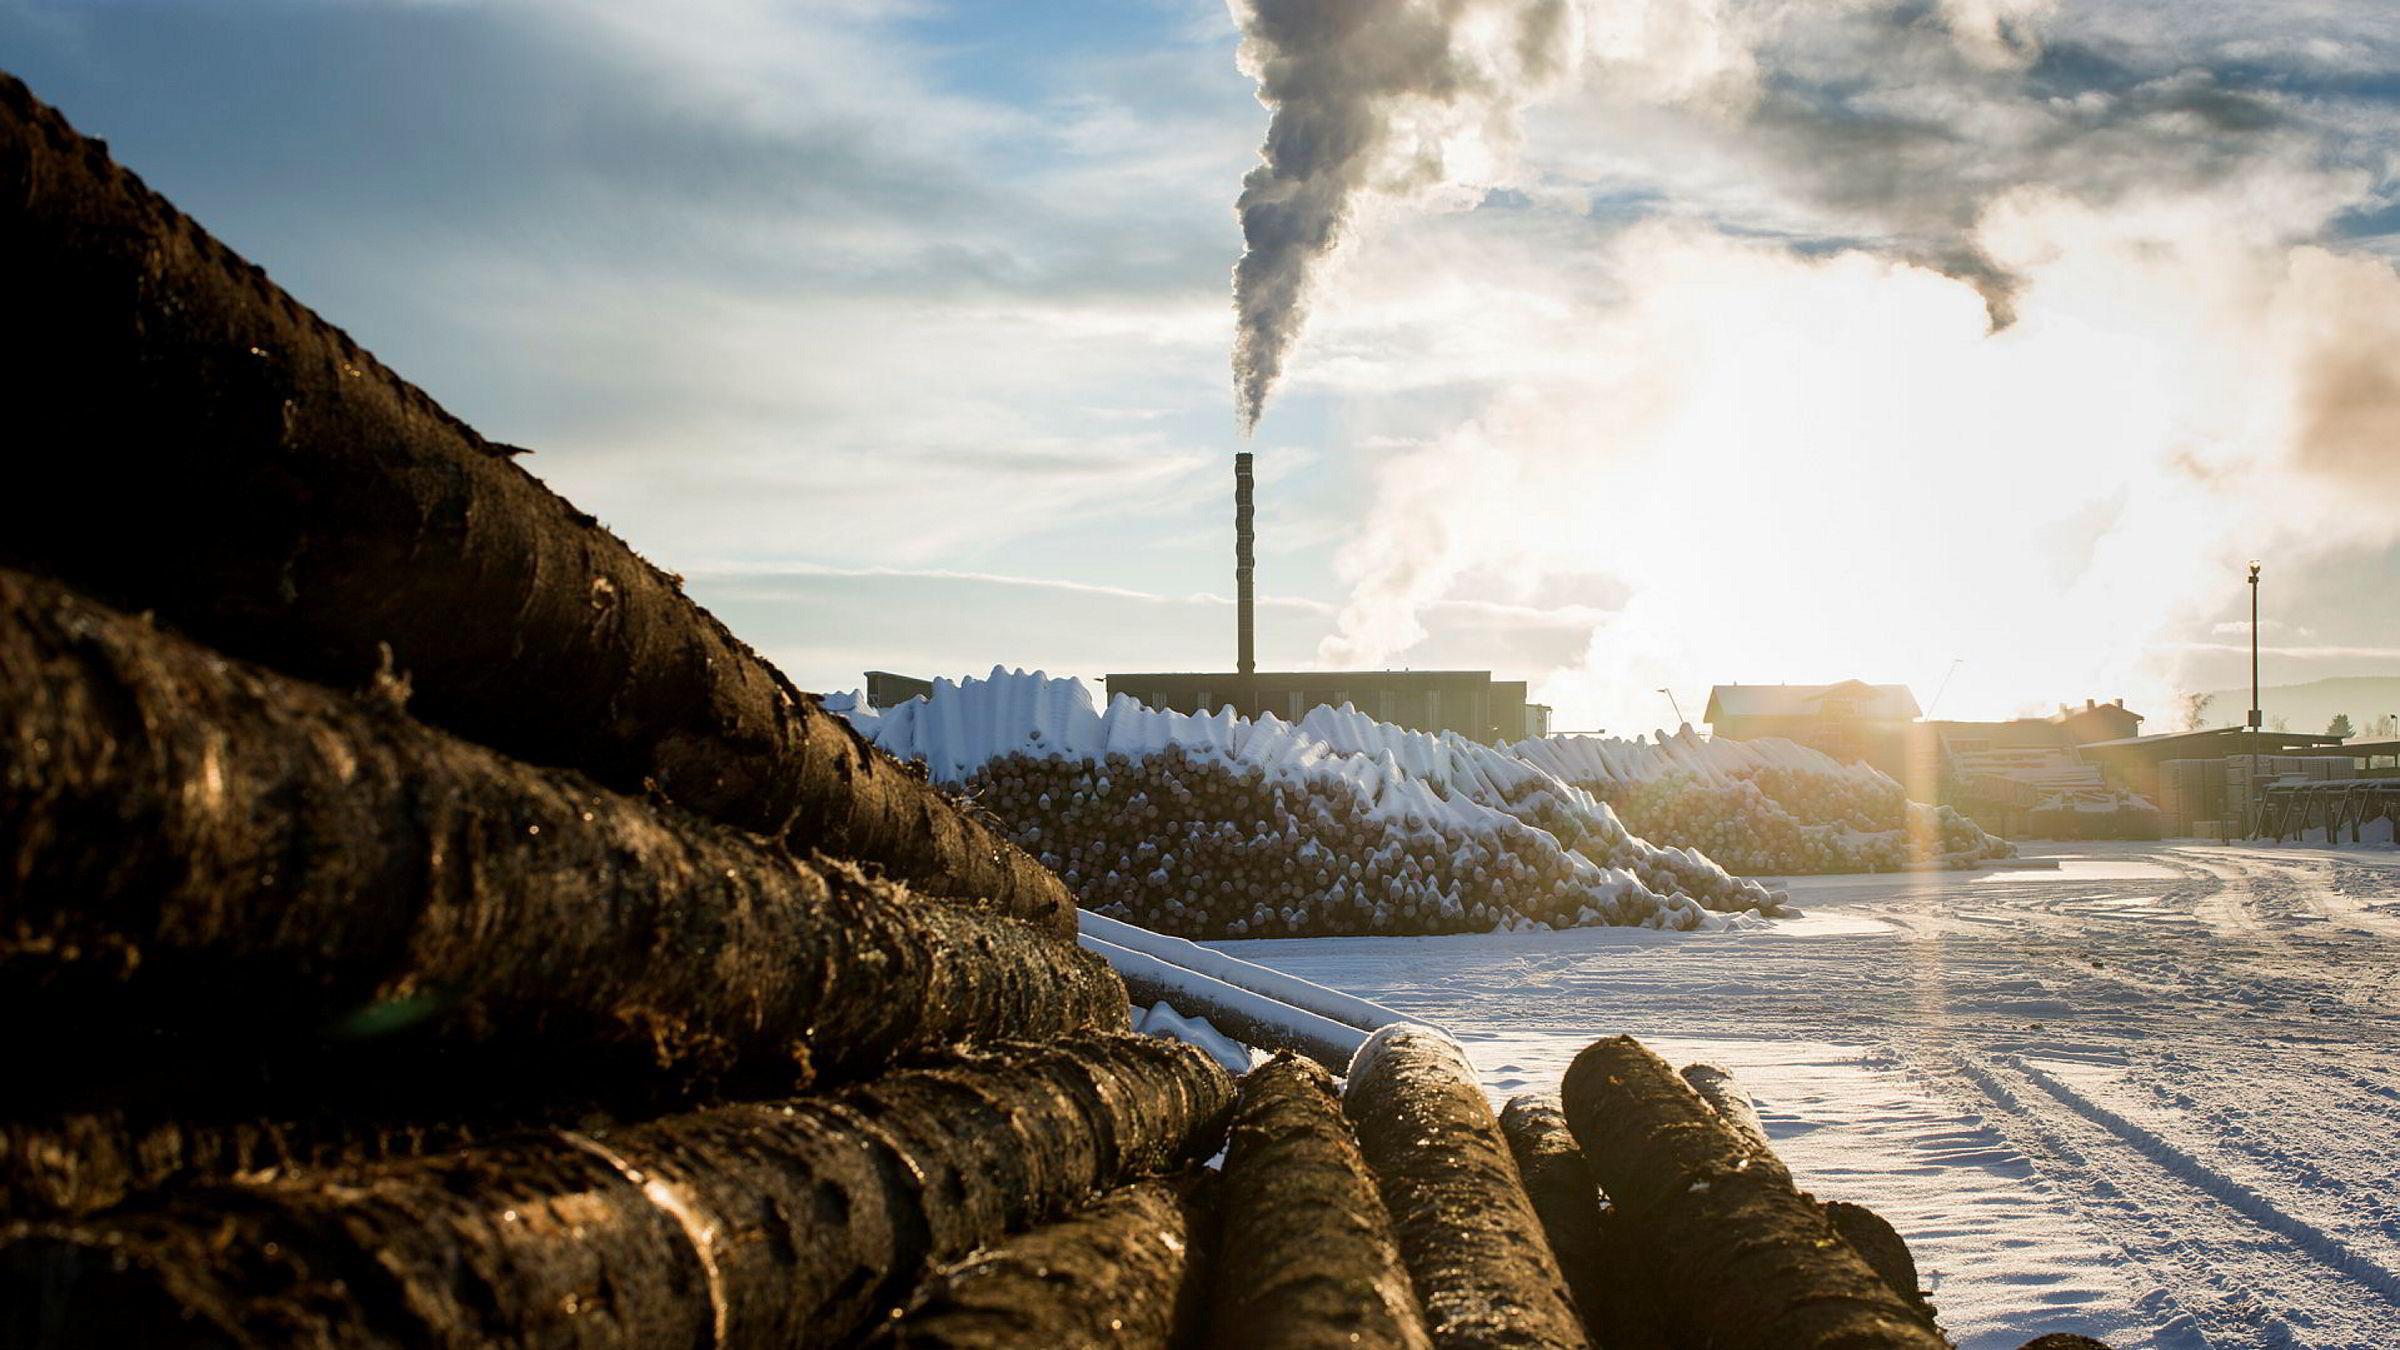 Å lage biodiesel av trevirke er svært energikrevende. Rundt halvparten av energiinnholdet i trevirket går med i prosessen, skriver SSB-forsker Bjart Holtsmark i kronikken.